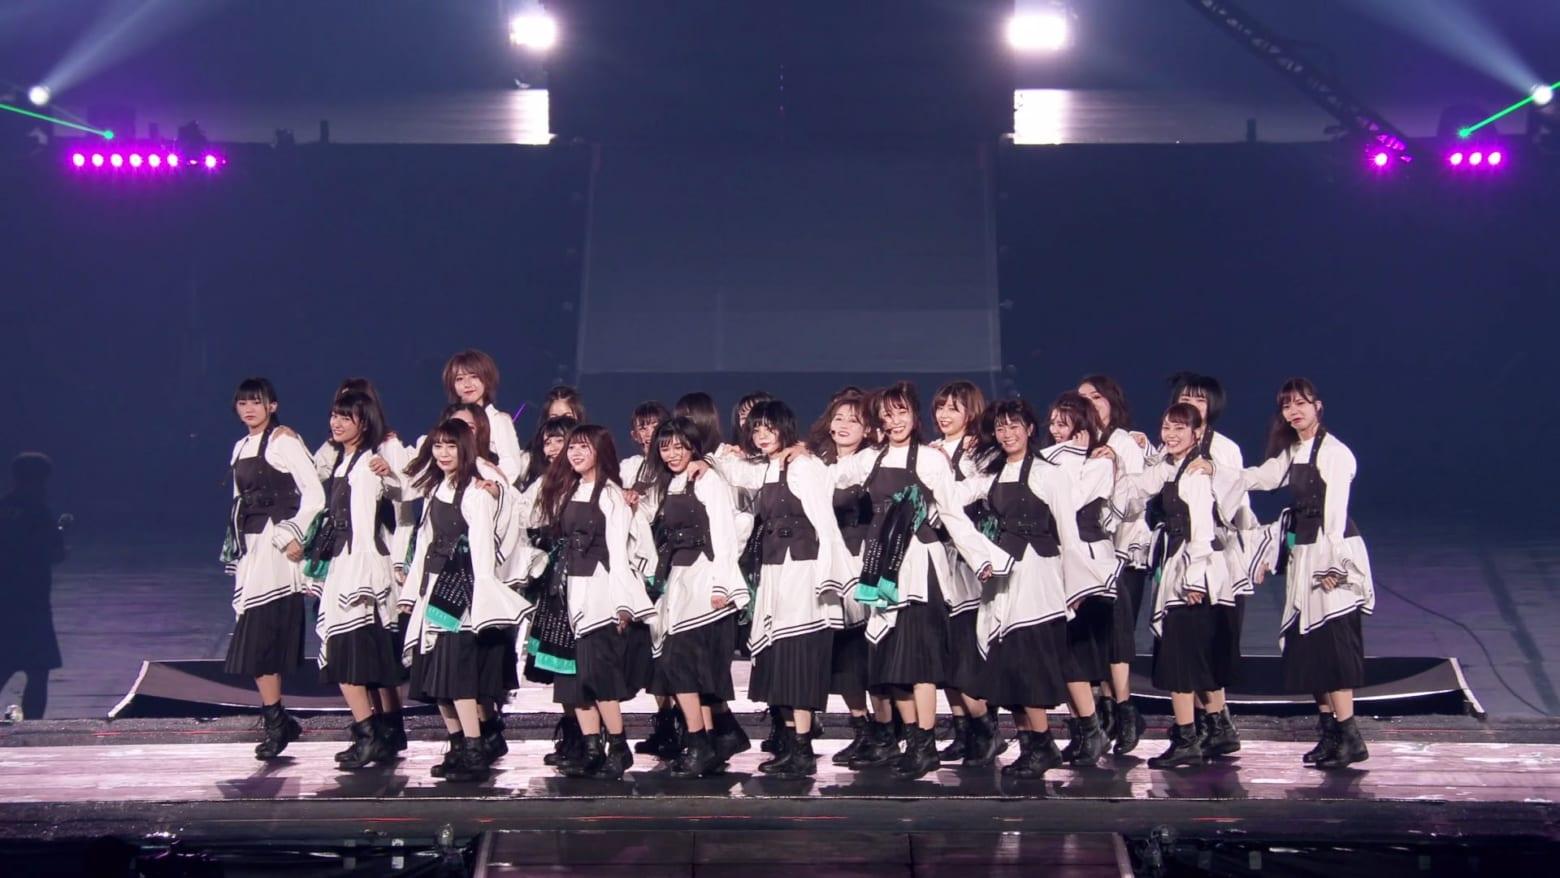 「欅坂46 LIVE at 東京ドーム ~ARENA TOUR 2019 FINAL~」